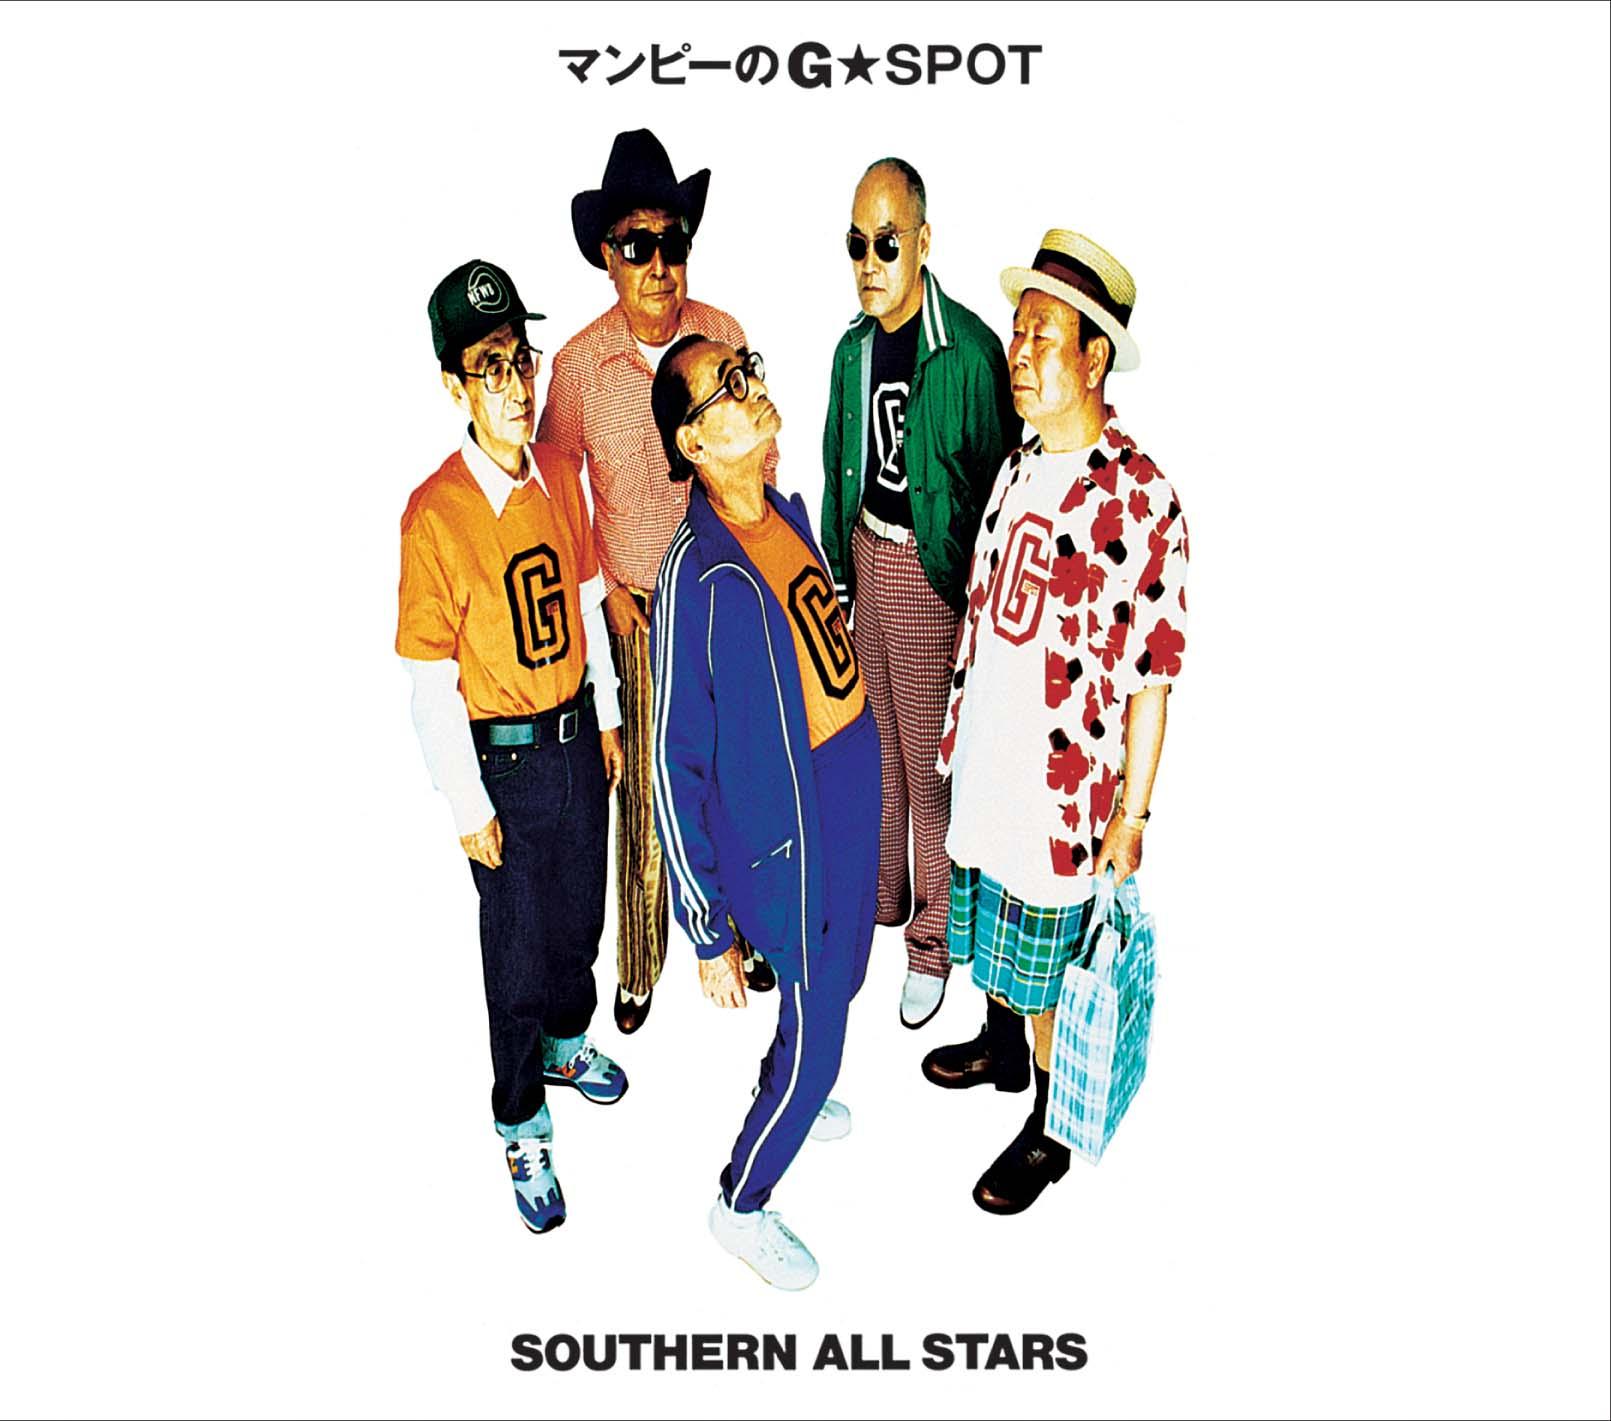 シングル「マンピーのG★SPOT」(1995年発売)